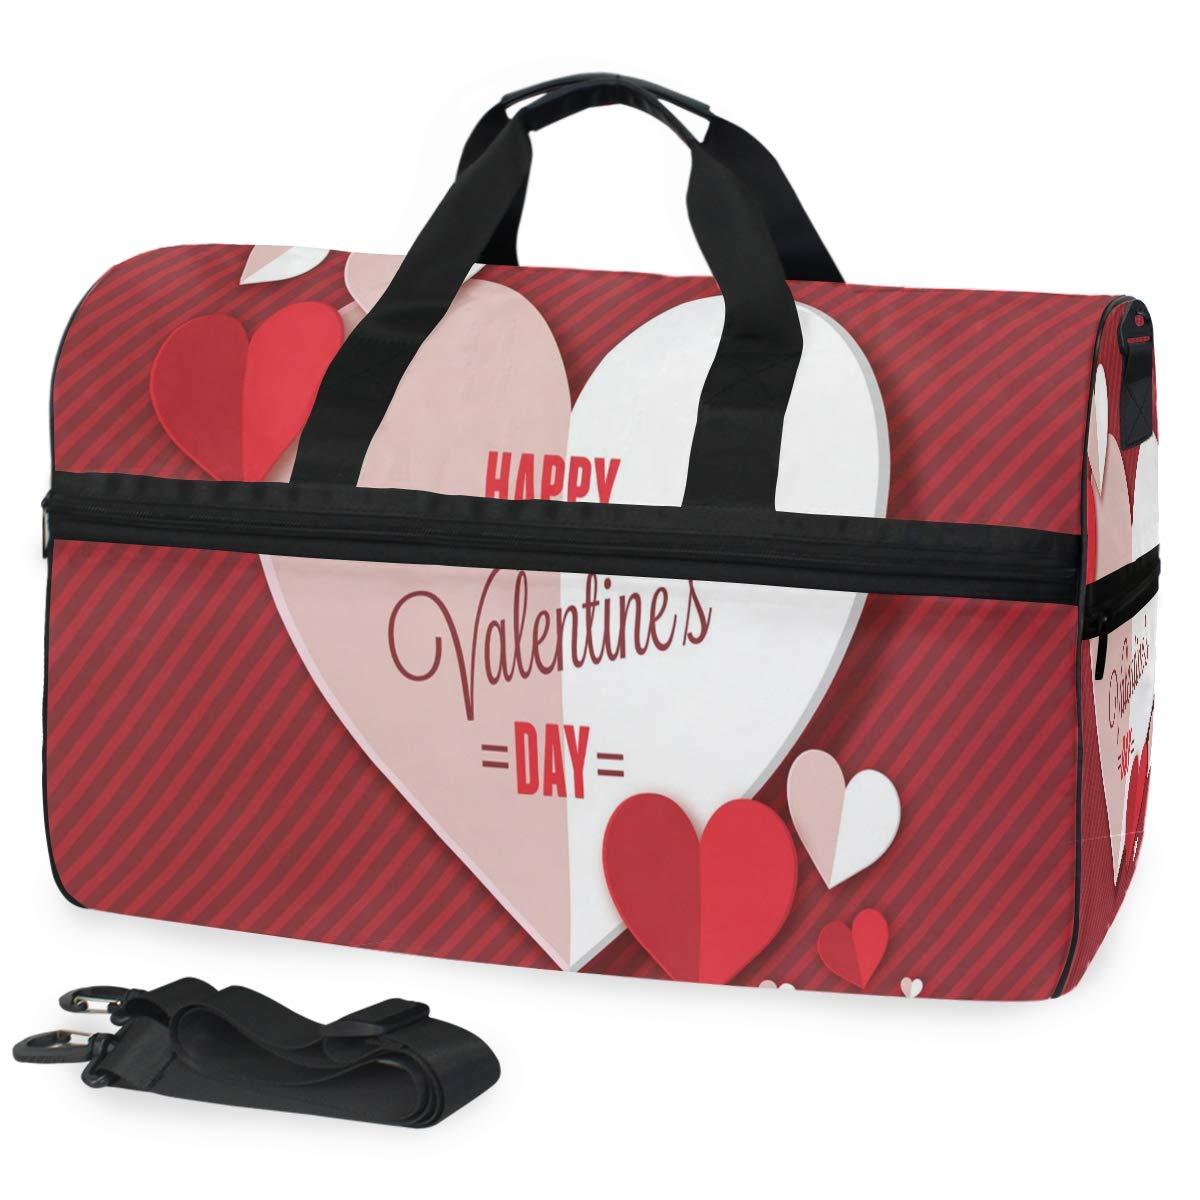 Gym Bag Special Valentine